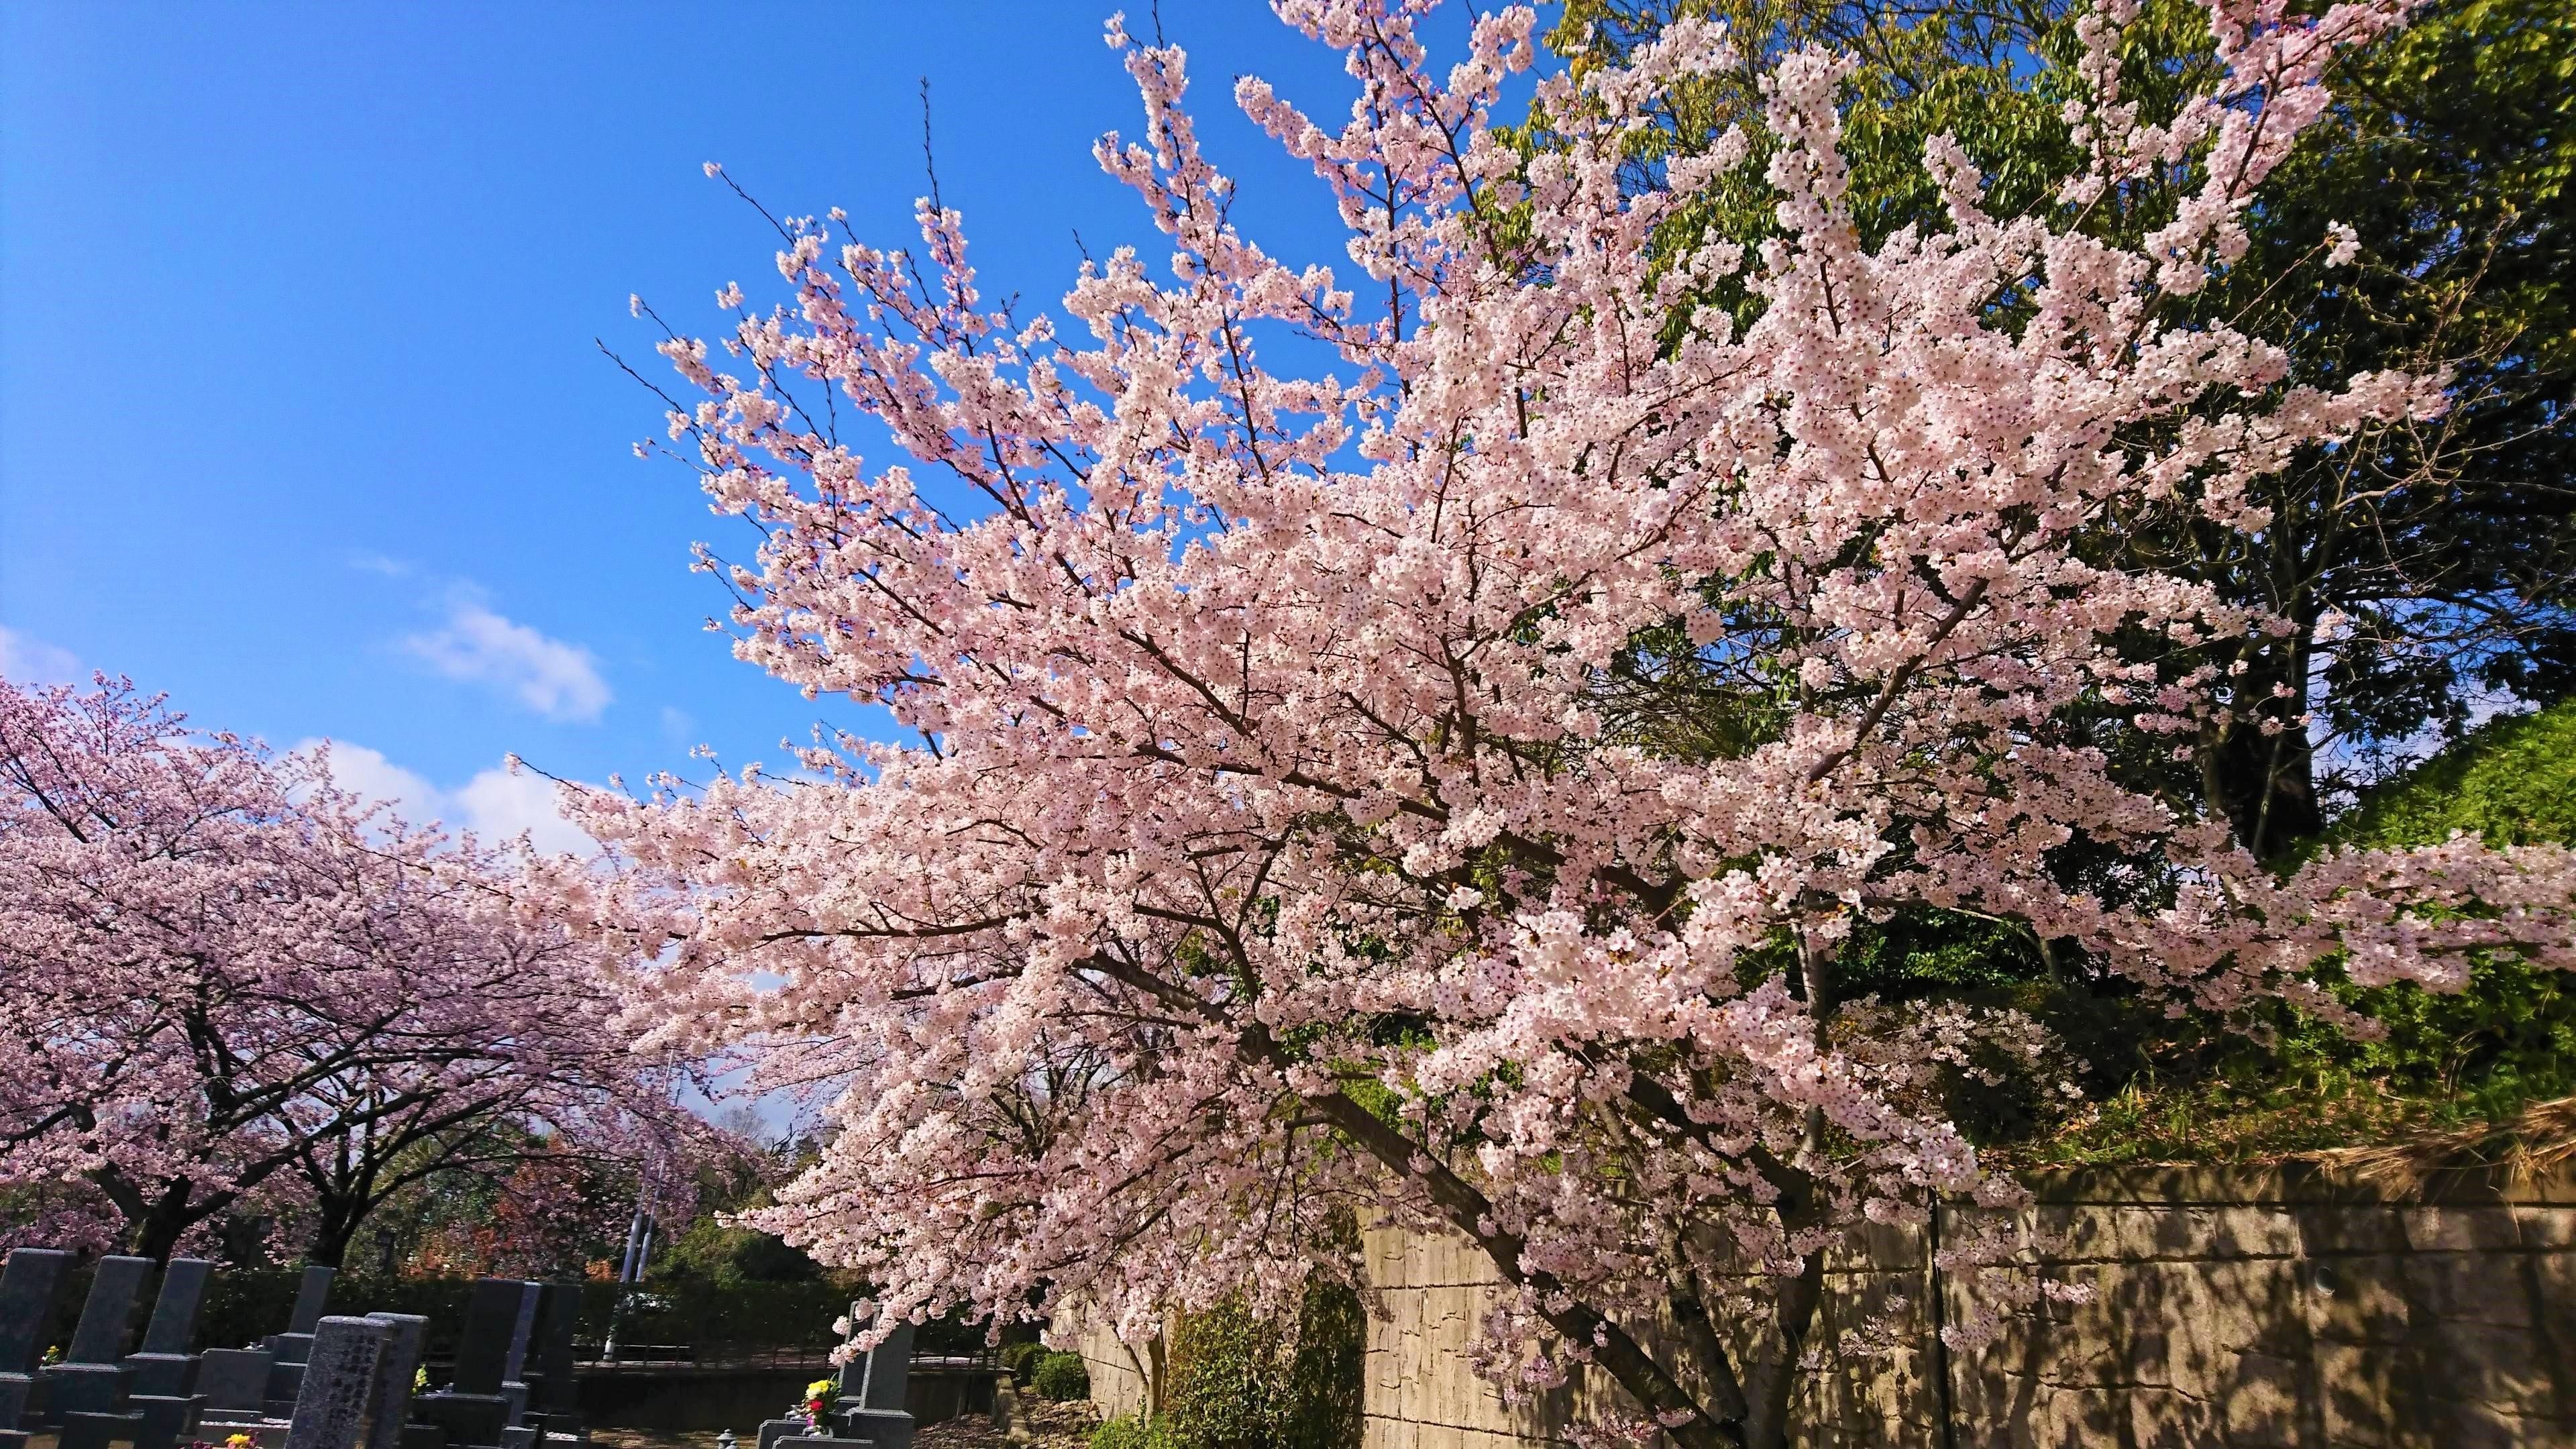 大阪柏原聖地霊園 2019年桜情報 4月8日